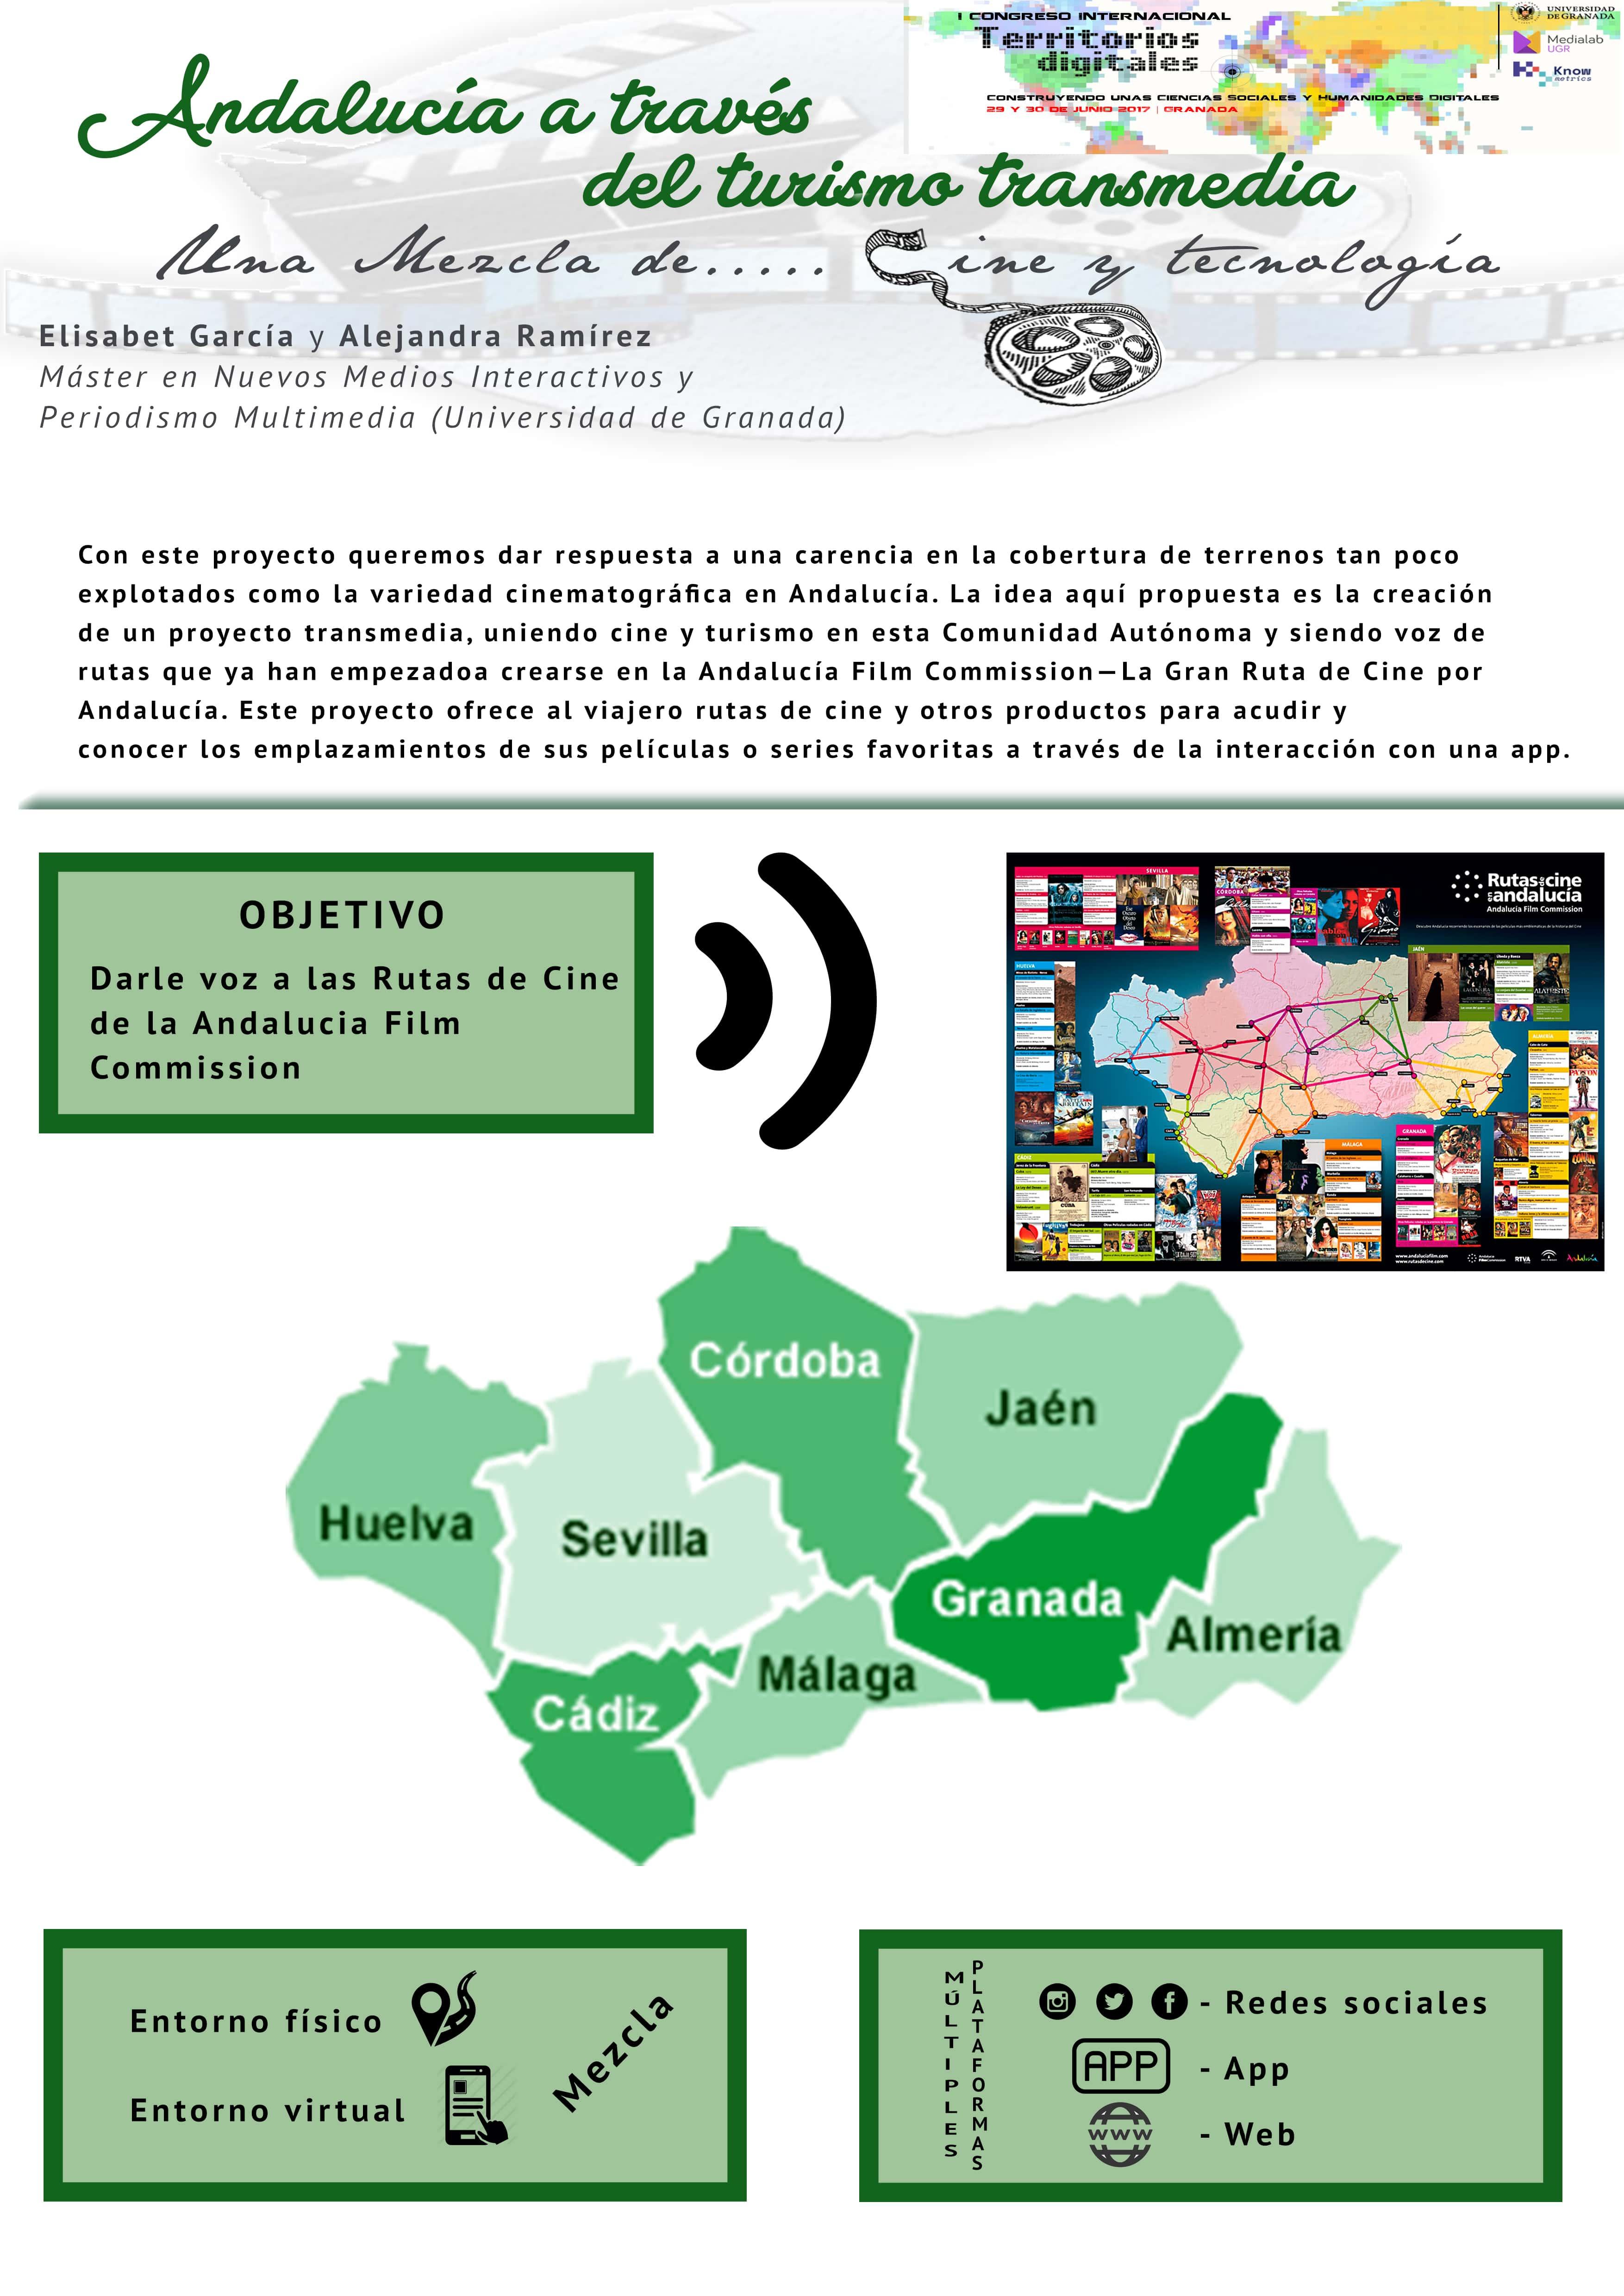 Andalucía a través del turismo transmedia